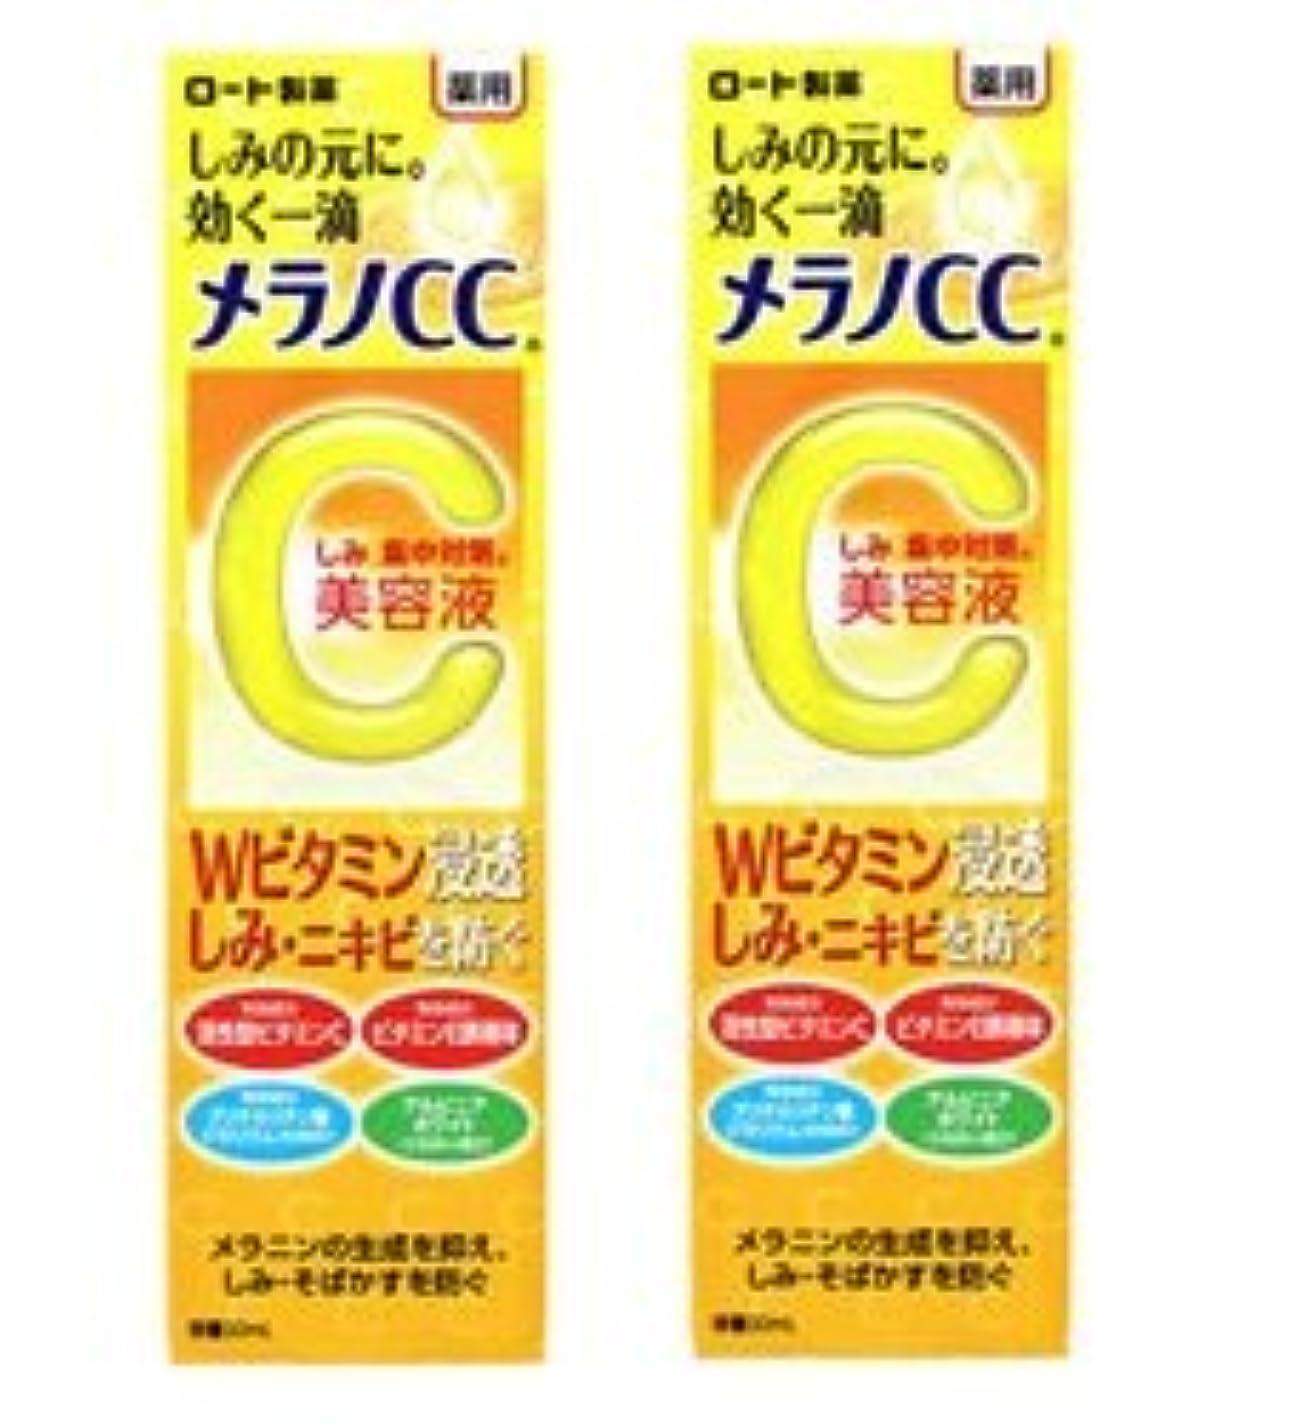 器具鷹提供する【2個セット】メラノCC 薬用しみ集中対策美容液 20ml